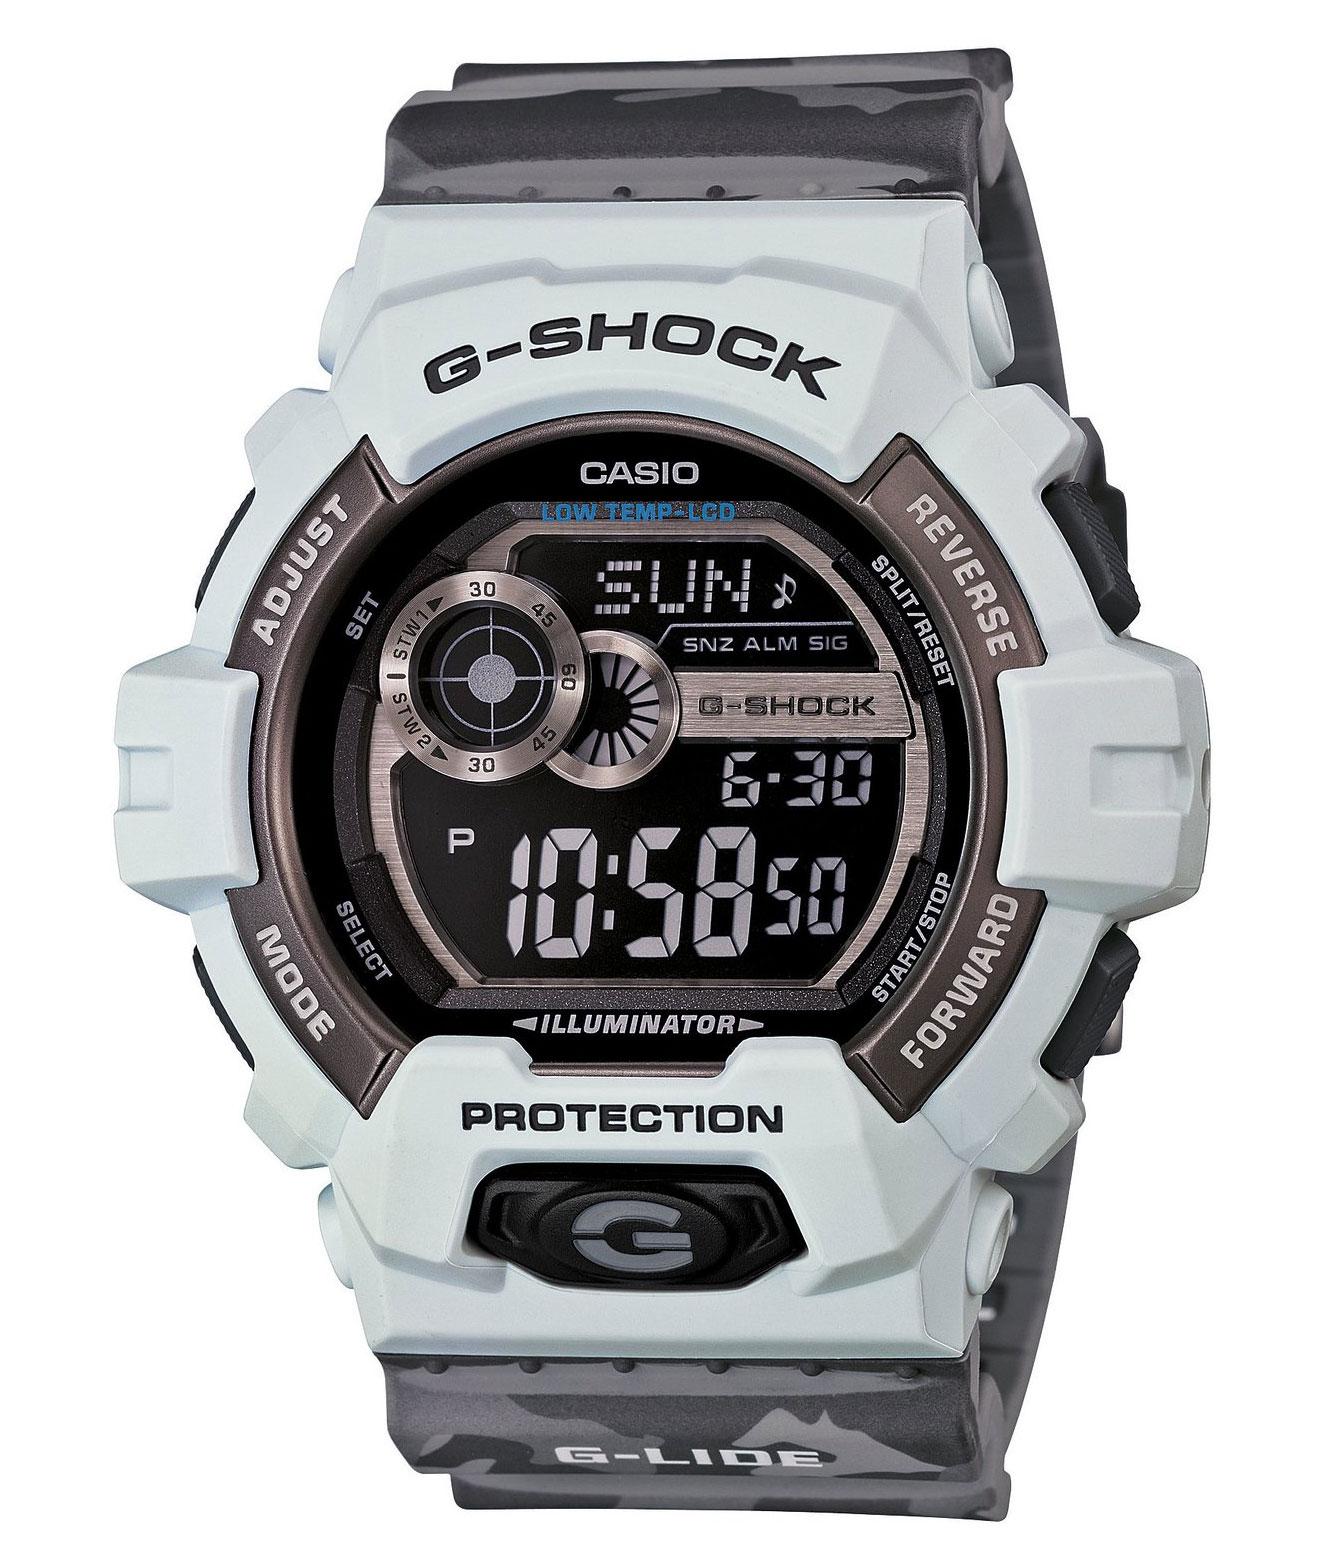 Часы мужские наручные Casio G-SHOCK, цвет: светлосерый, серый. GLS-8900CM-8EGLS-8900CM-8EСтильные мужские часы Casio G-SHOCK выполнены из полимерных материалов и минерального стекла. Изделие дополнено светодиодной подсветкой высокой яркости, корпус часов оформлен символикой бренда и оригинальным принтом камуфляж. В часах предусмотрен цифровой отсчет времени. Часы оснащены функцией мирового времени, которая позволяет мгновенно выяснять текущее время. Часы могут быть настроены на подачу тонального или светового сигнала при наступлении выставленного времени. Функция таймера позволит обеспечить обратный отсчет времени, начиная с выставленного и подачу тонального или светового сигнала, когда отсчет доходит до нуля. Функция секундомера позволит замерять прошедшее время в пределах тысячи часов с точностью 1/100 секунды, предусмотрен будильник. Степень влагозащиты 20 atm. Изделие дополнено ремешком из полимерного материала, который обладает антибактериальными и запахоустойчивыми свойствами. Ремешок застегивается на пряжку, позволяющую максимально комфортно и быстро...